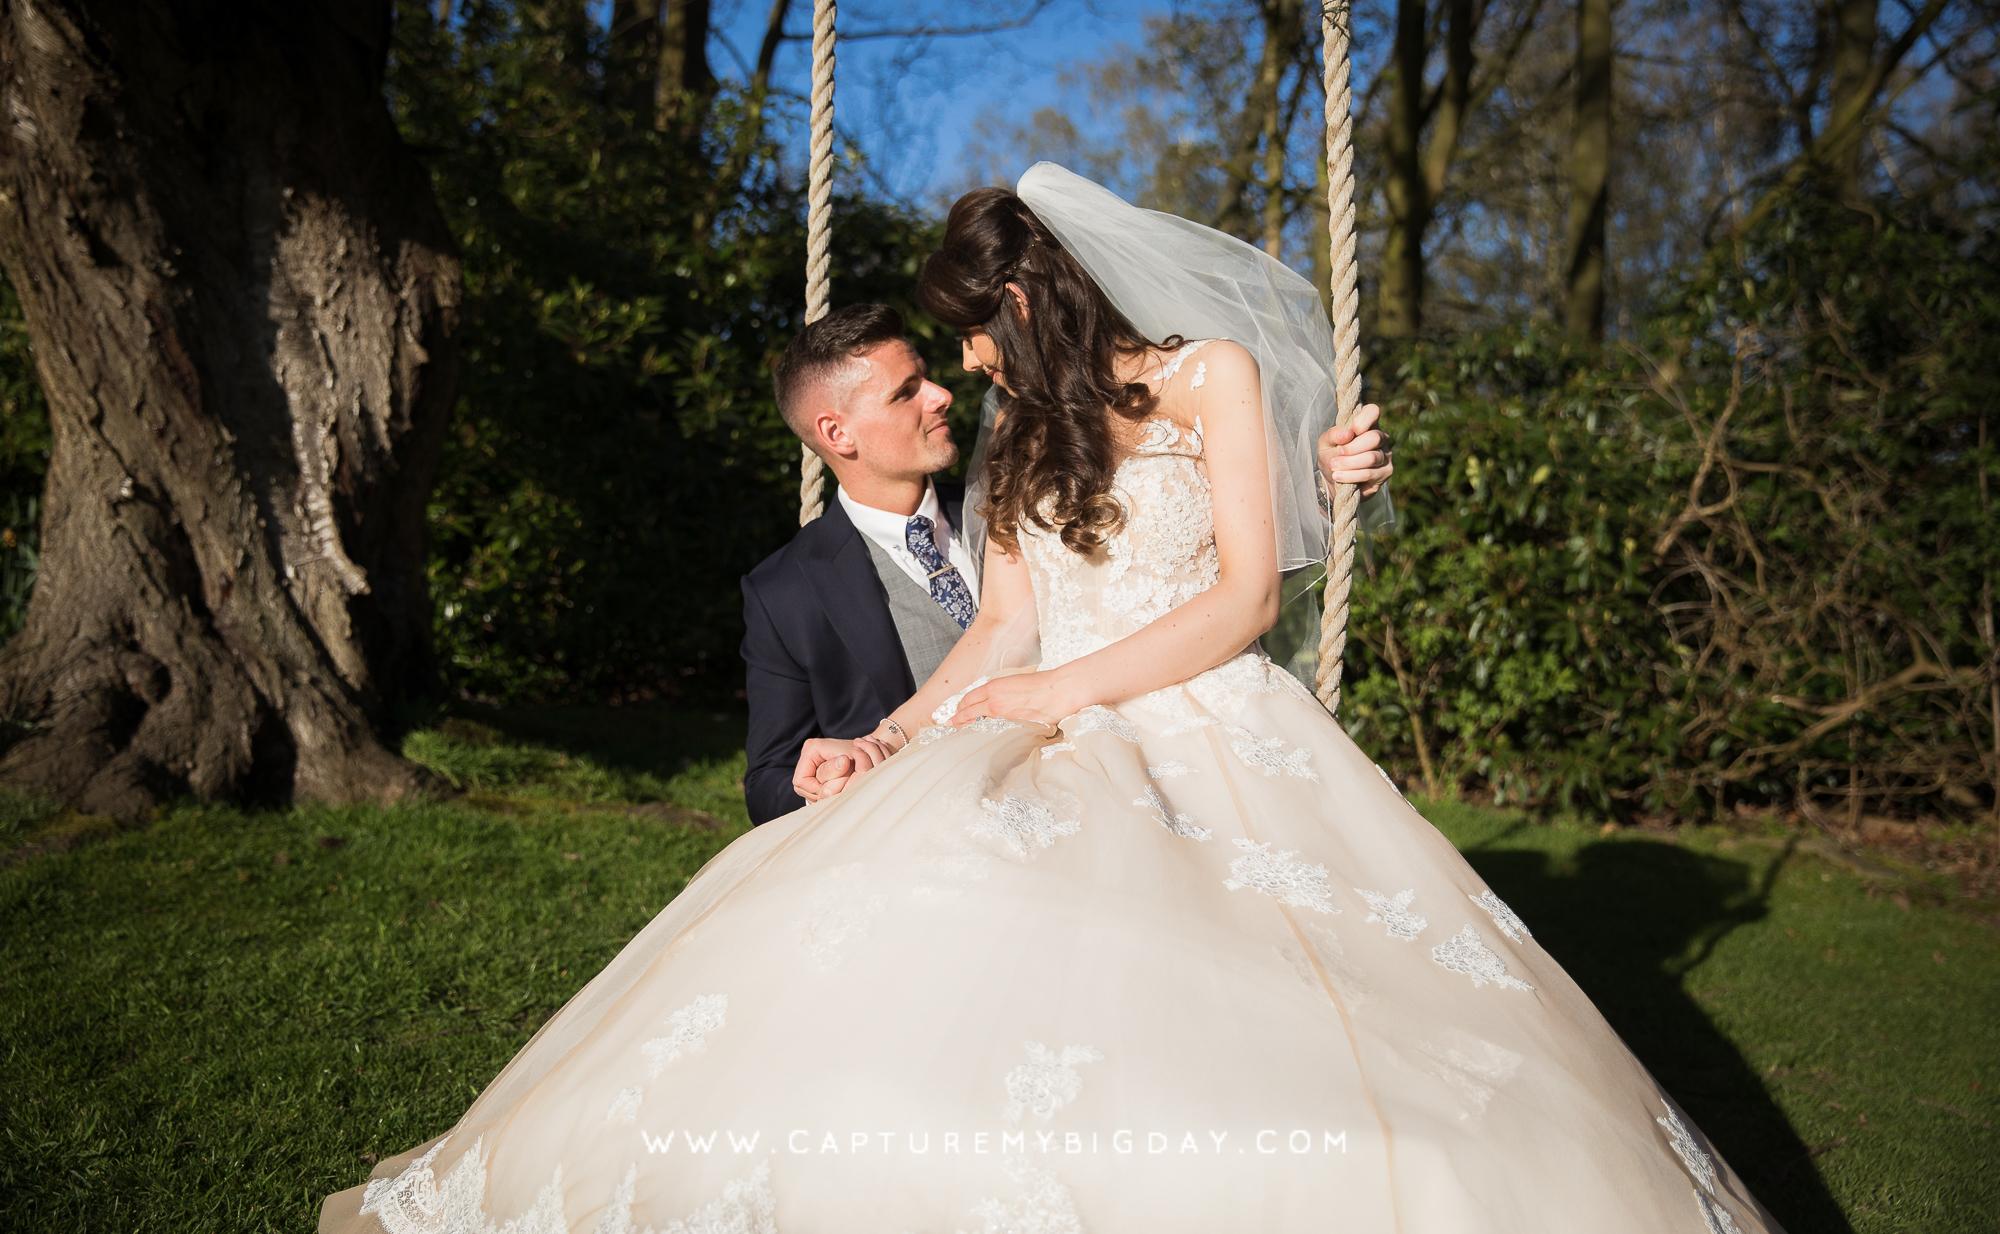 bride sitting on groom on swing